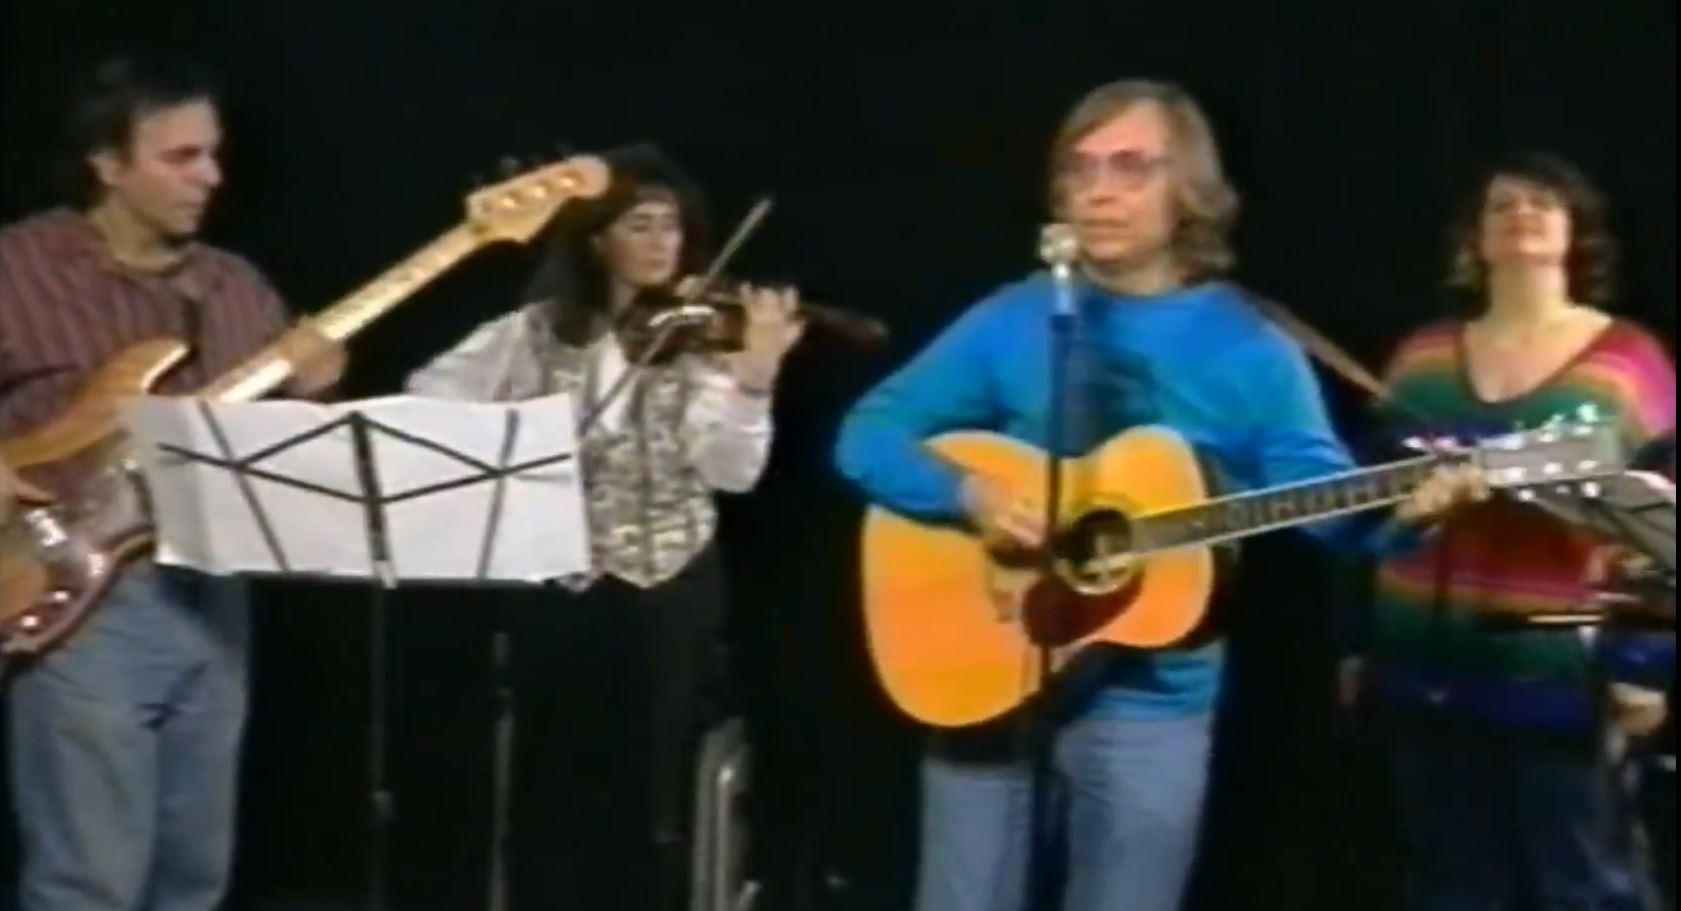 ray korona band on stage